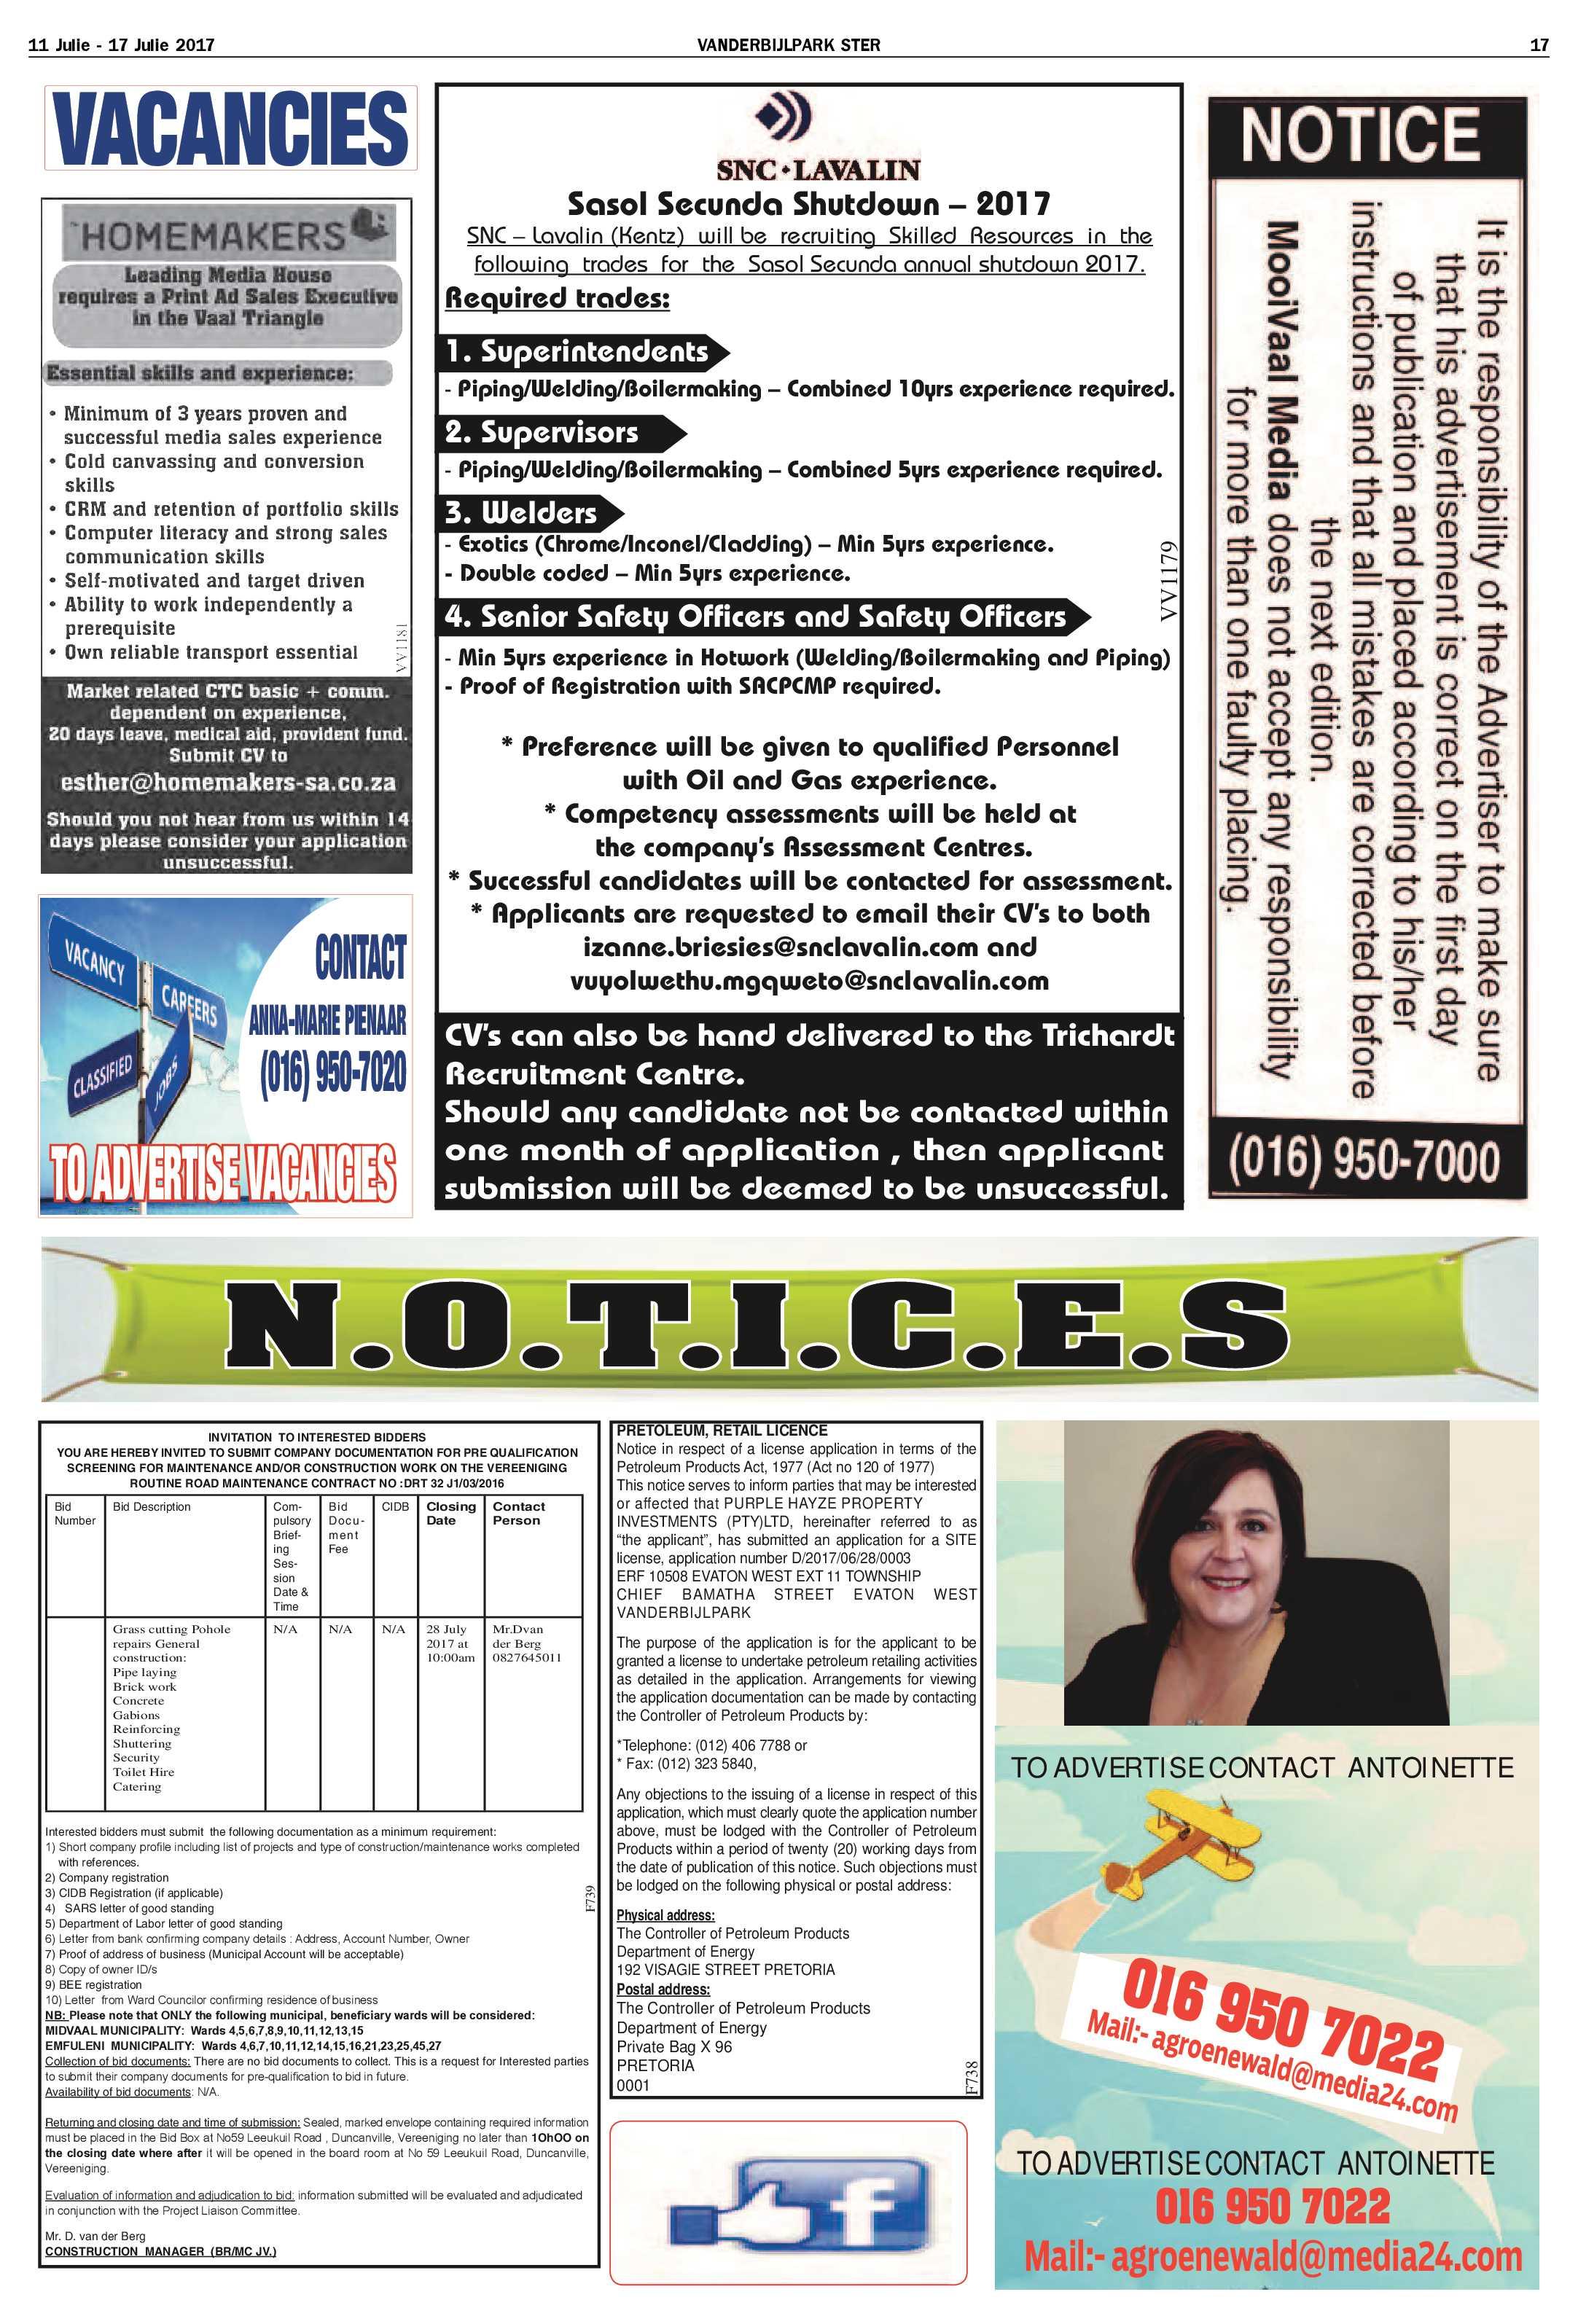 vanderbijlpark-ster-11-17-julie-2017-epapers-page-17